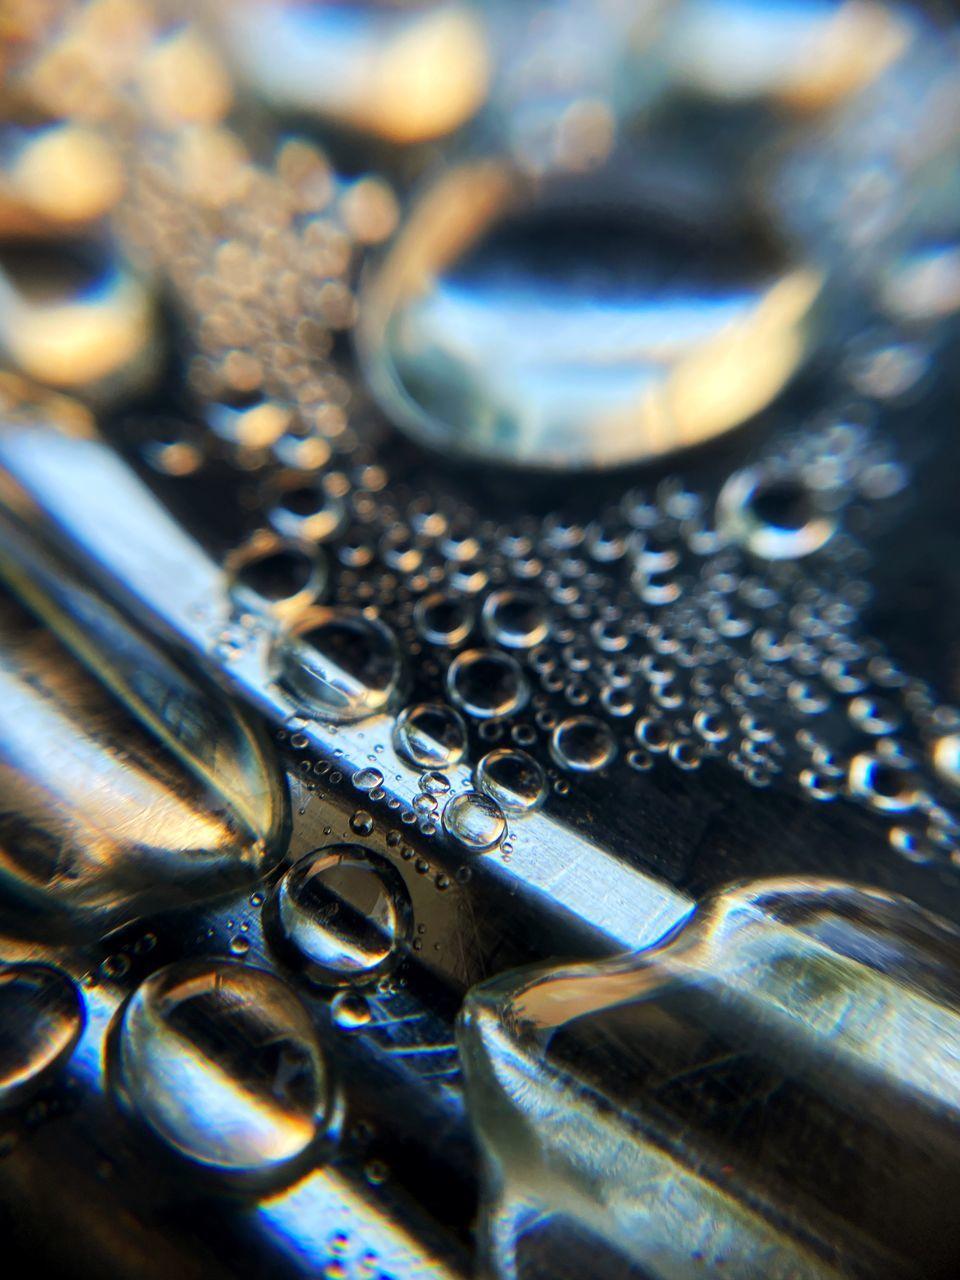 FULL FRAME SHOT OF GLASSES